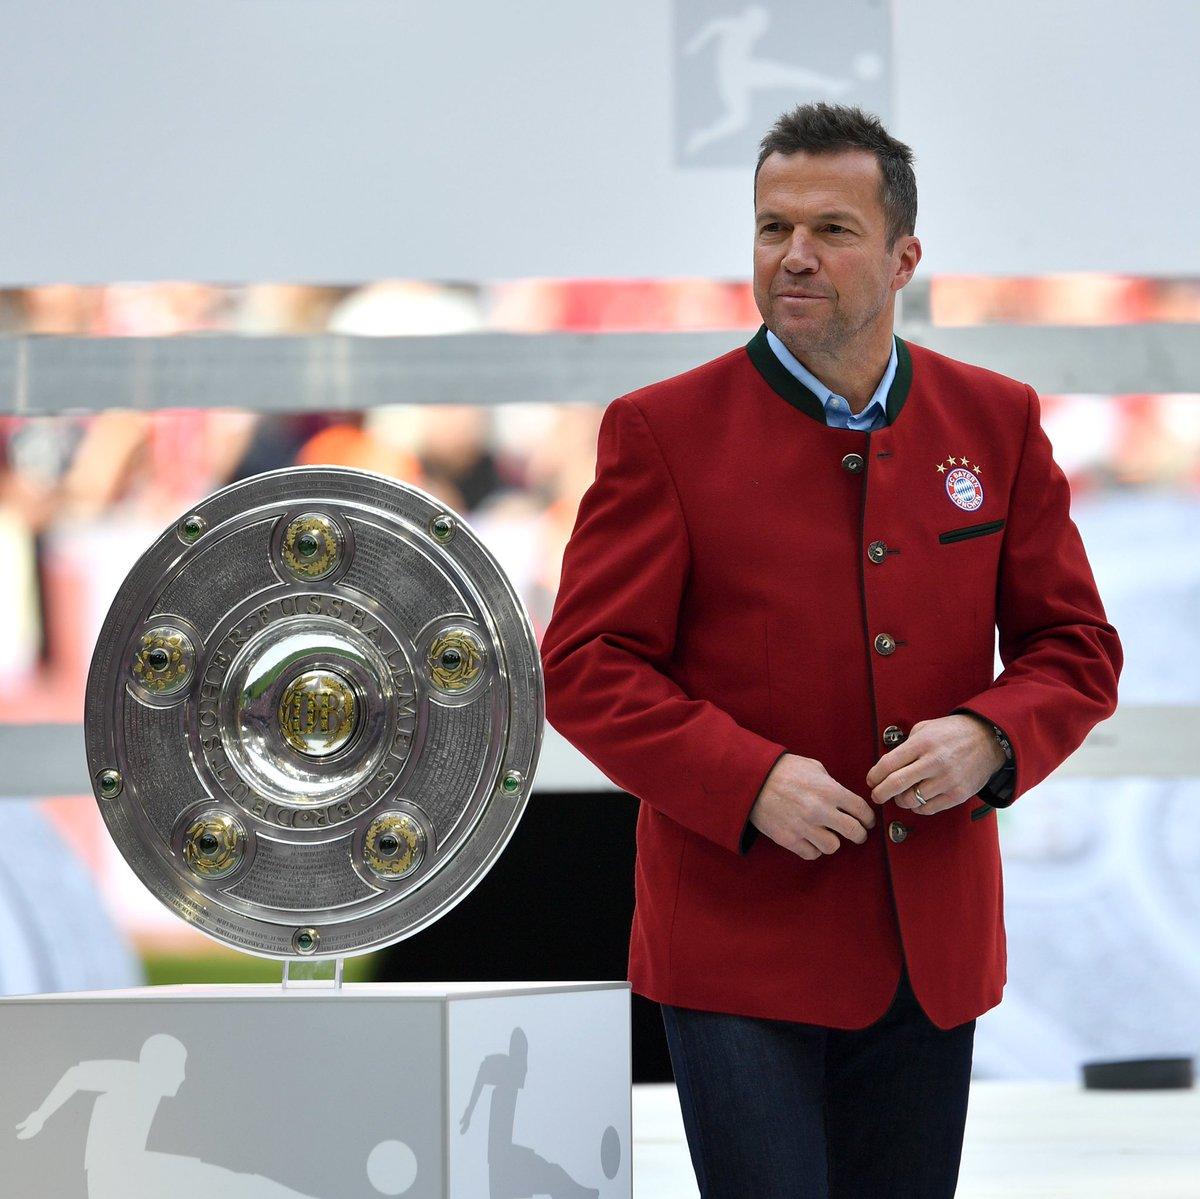 Deutscher Meister? 🤔 @Bundesliga_DE (Bild: picture alliance / dpa)